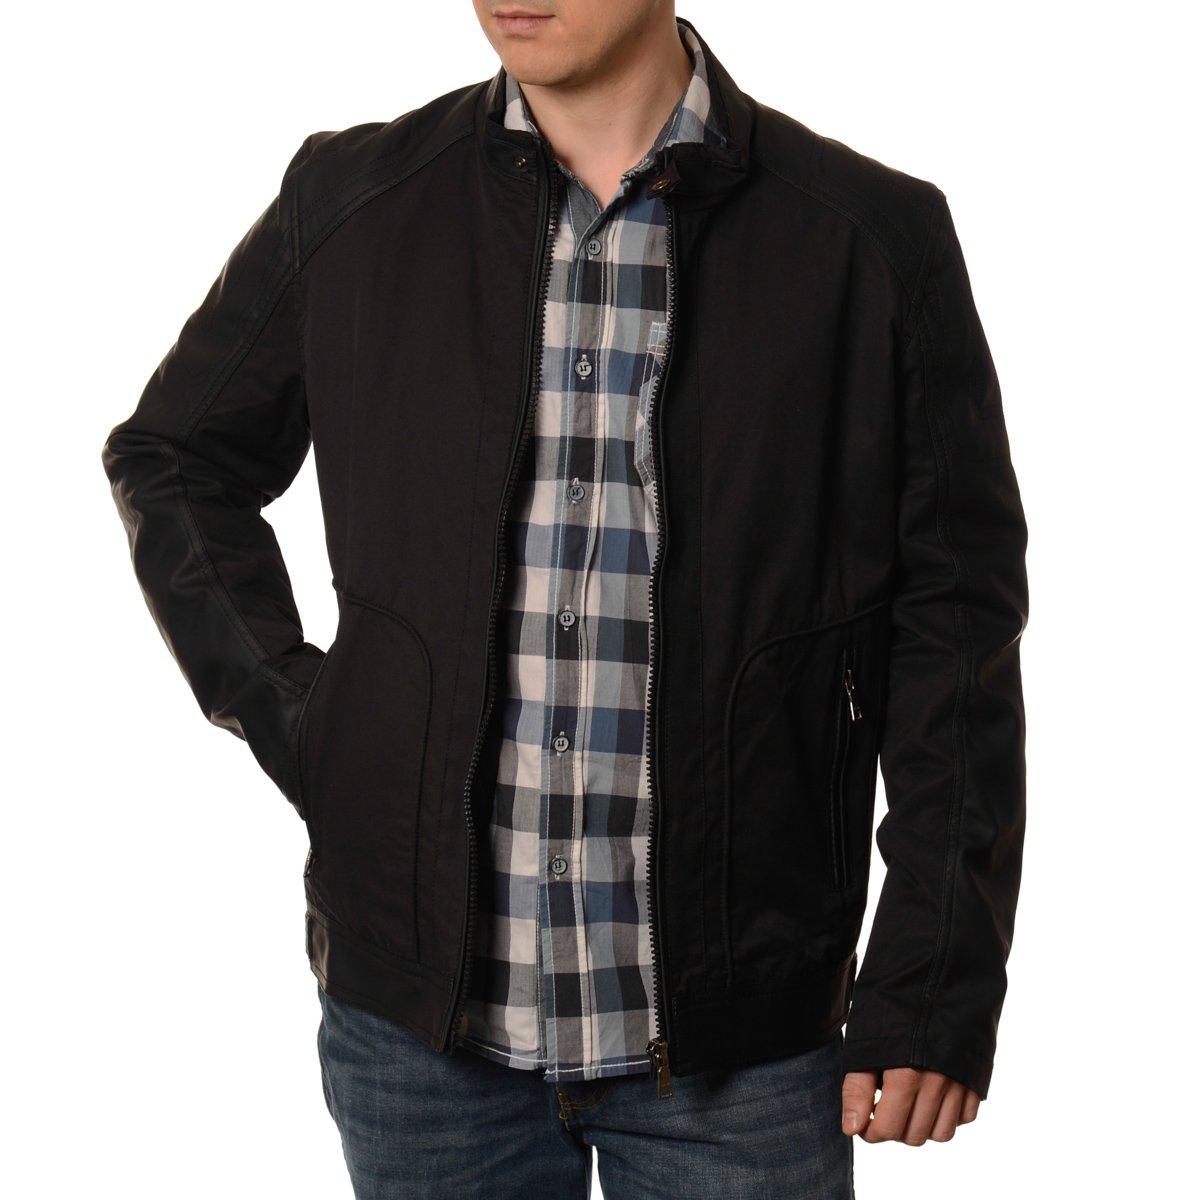 Długa kurtka ma pięć kieszeni – dwie na piersiach, dwie wszyte po bokach oraz pojedynczą na rękawie. Jest to dobry wybór na co dzień, a także na spotkania towarzyskie. Kolor khaki wkomponować można w rozmaite, nieoficjalne stylizacje.